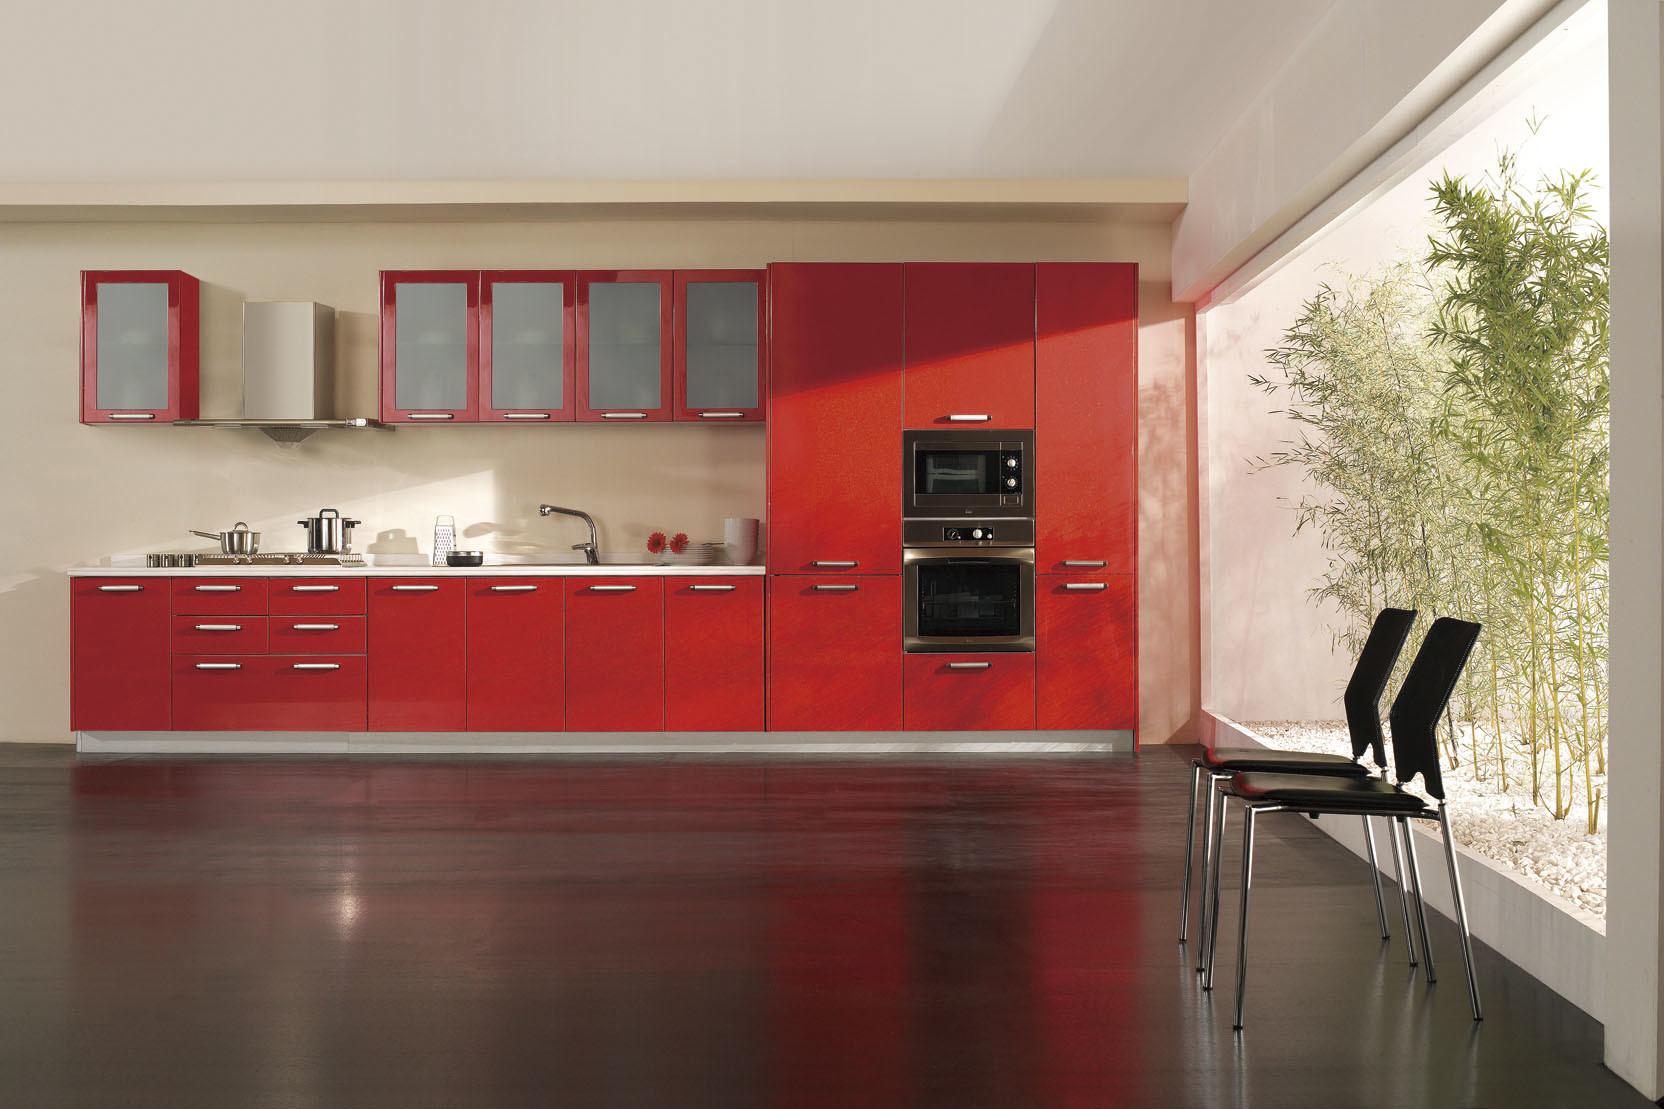 china modern kitchen cabinet kitchen design smt photos modern kitchen design kitchen cabinet price kitchen cupboard wooden